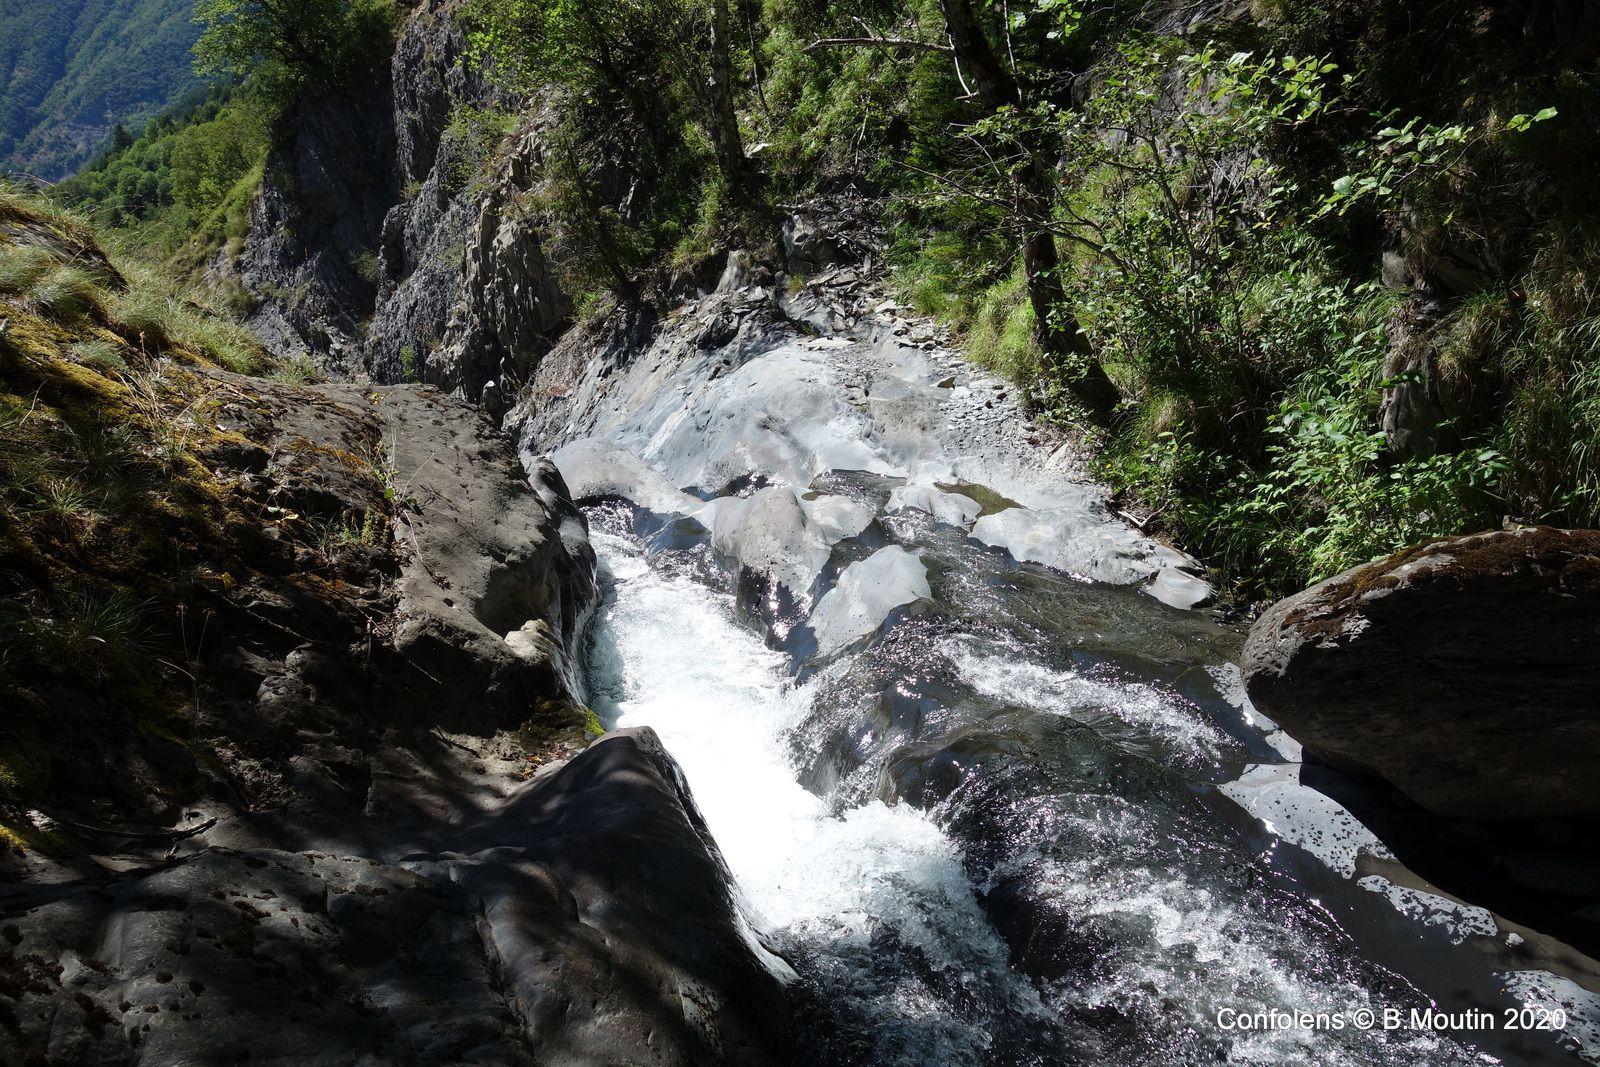 La cascade de Confolens (6 photos à suivre)